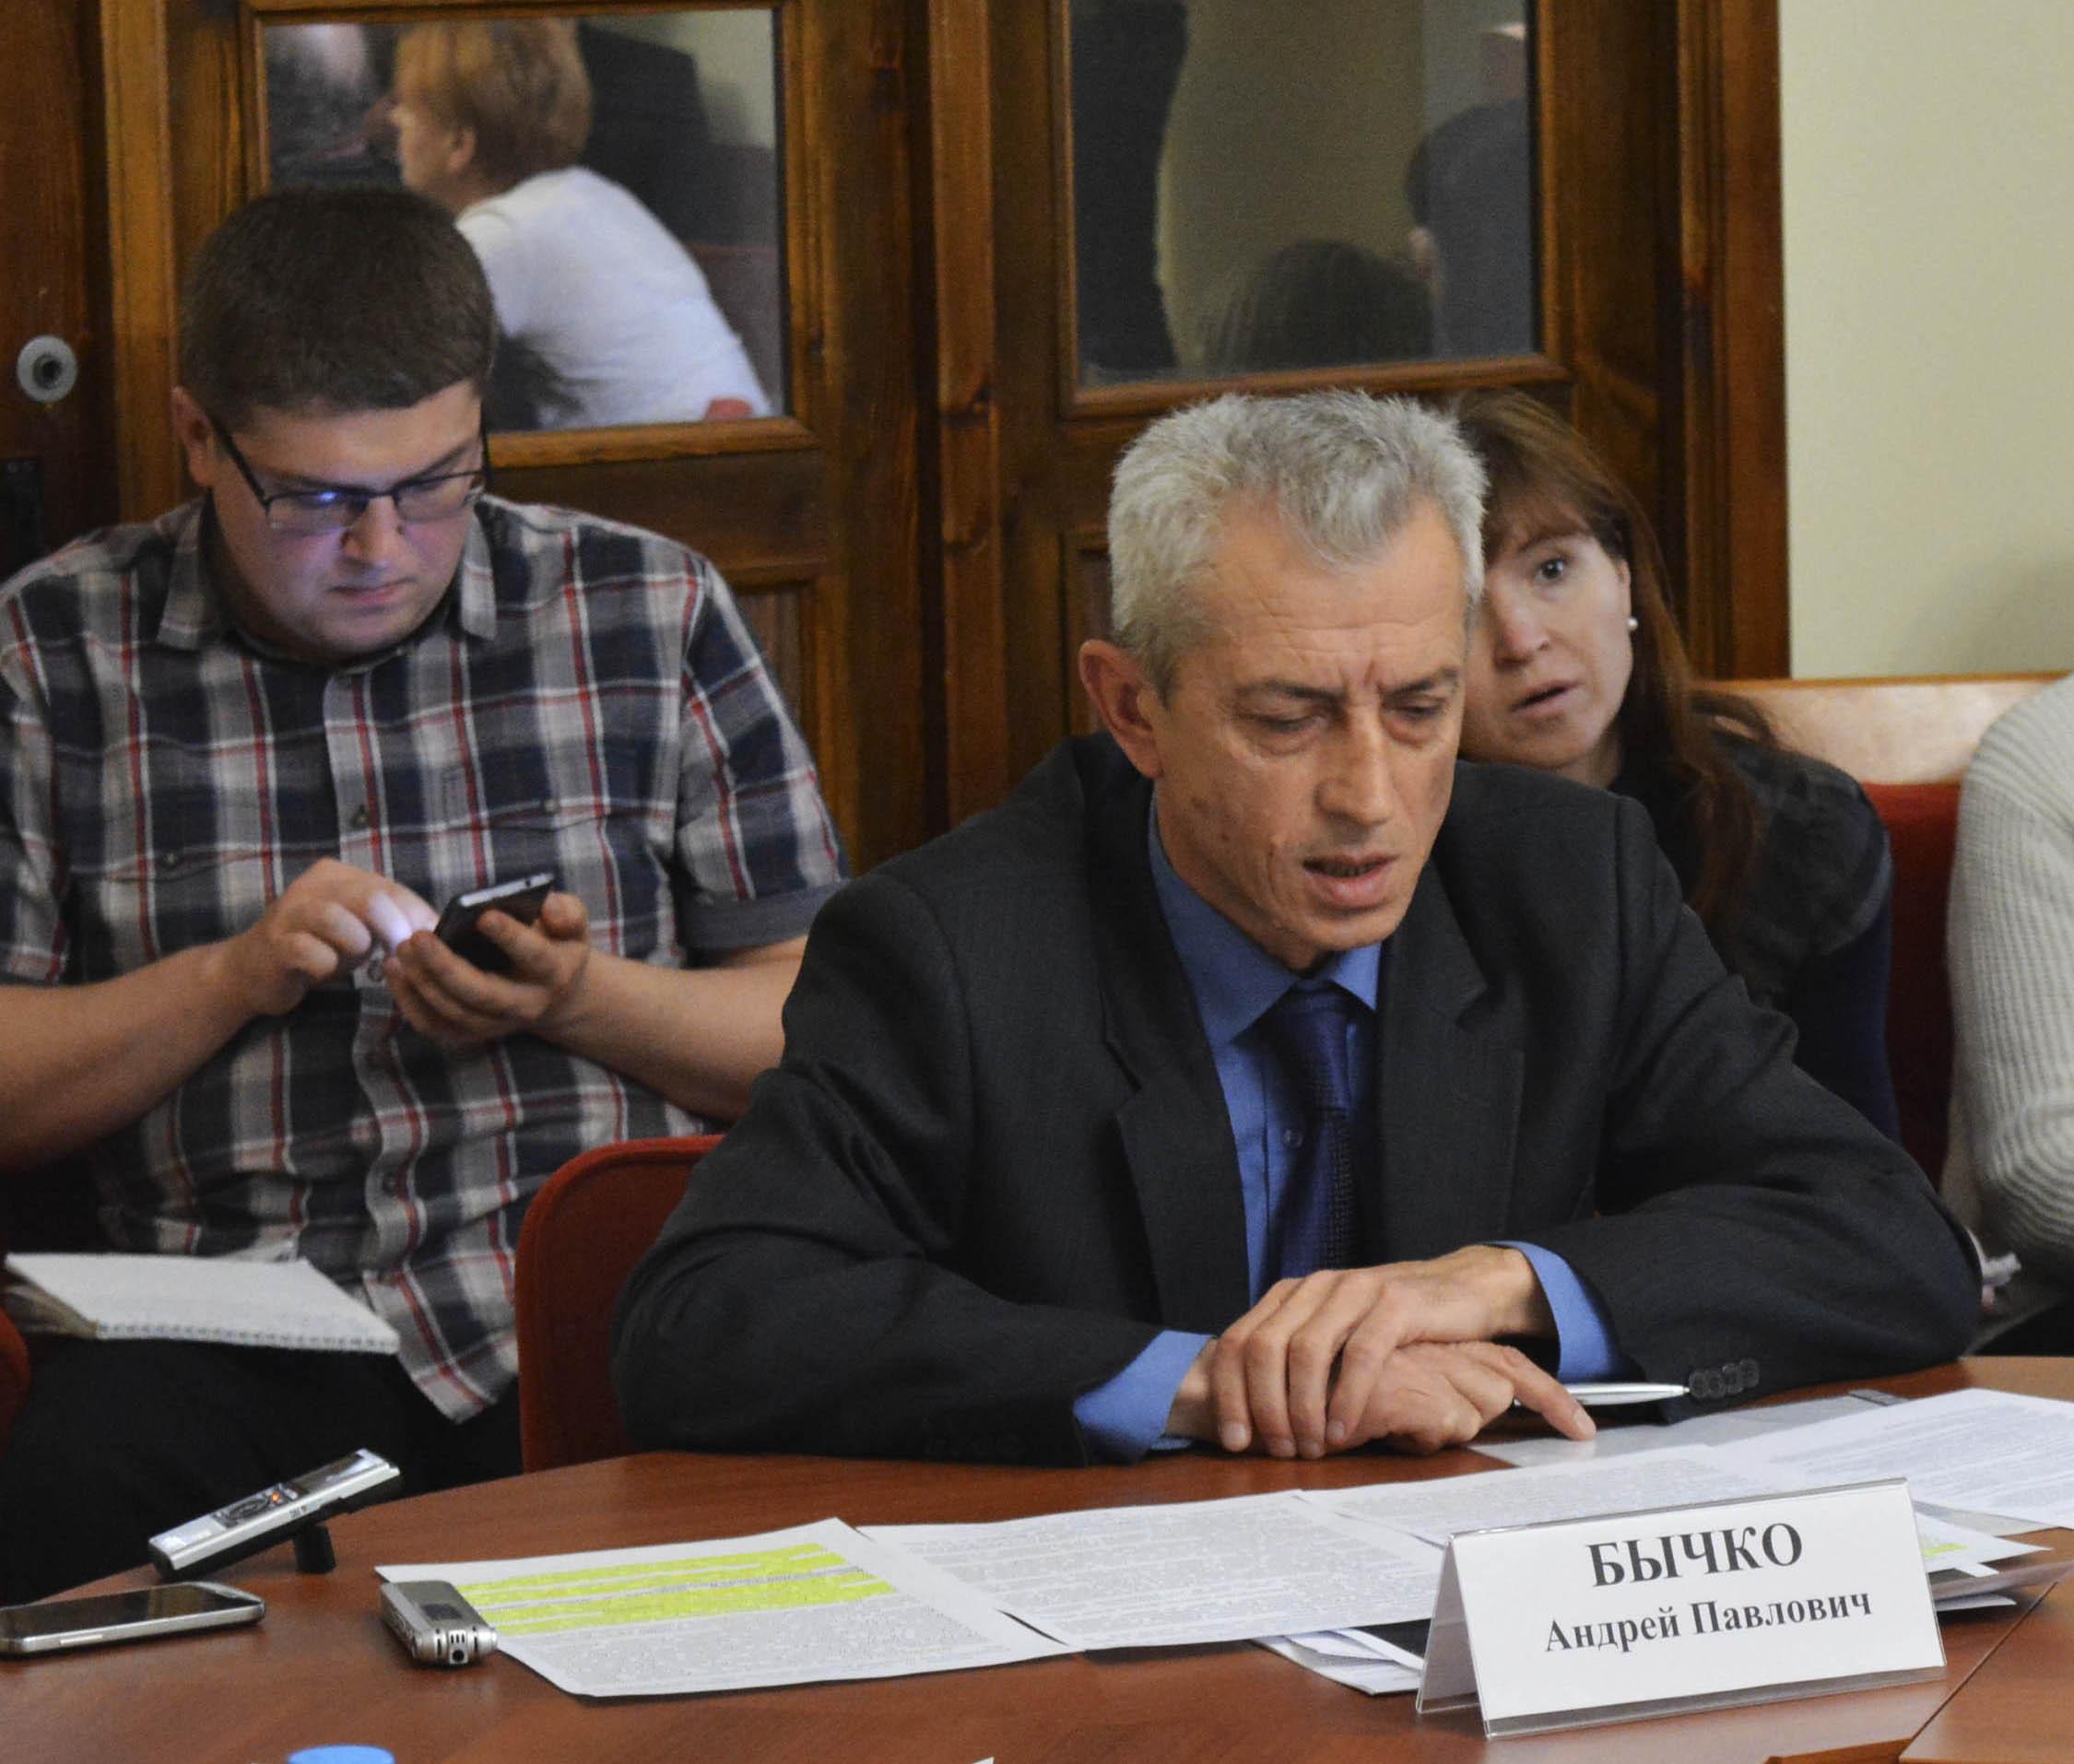 Андрей Бычко. Фото: Алексей Владимиров